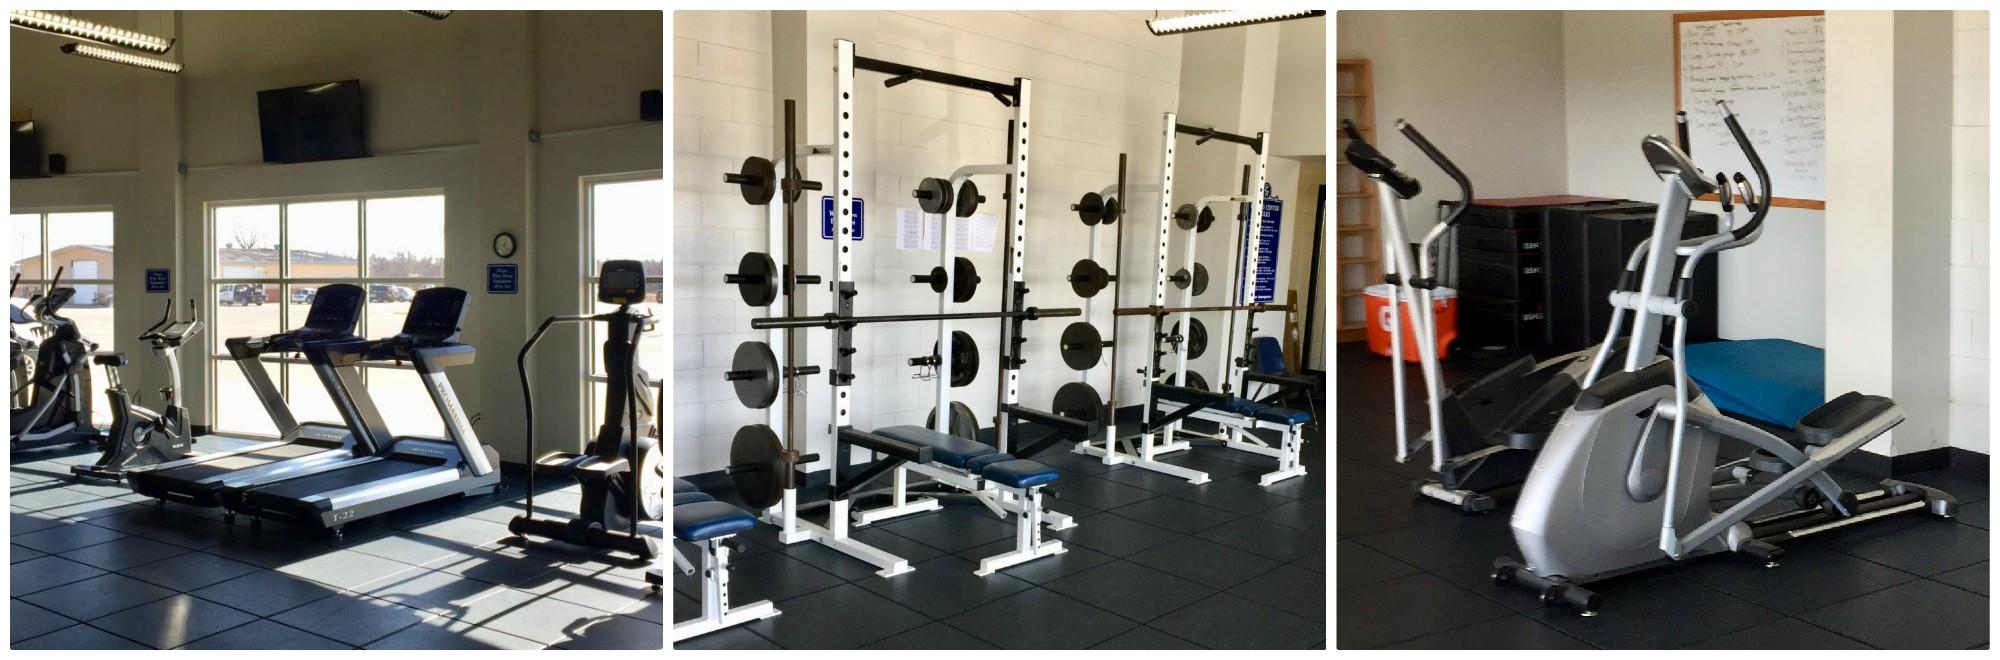 Photos of the wellness facility.